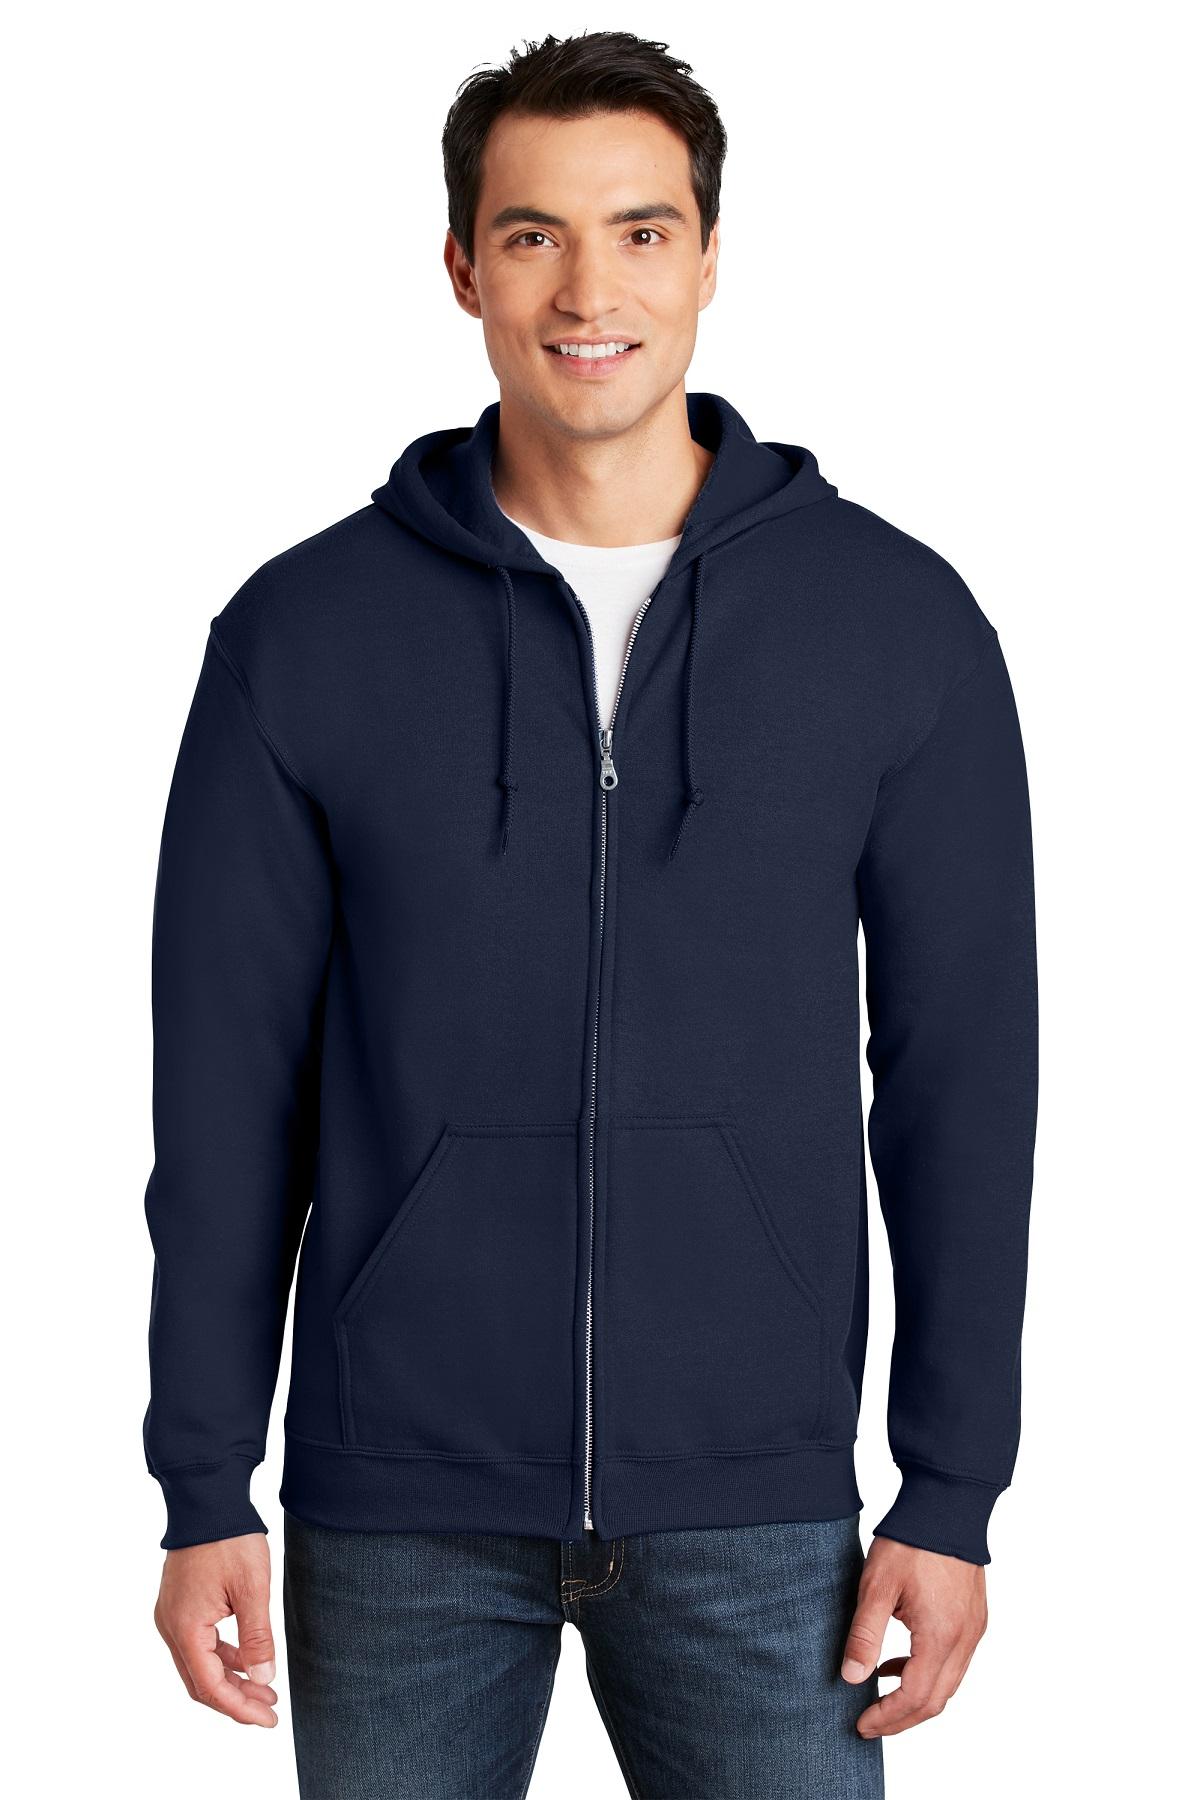 Gildan Embroidered Men's Full Zip Hooded Sweatshirt